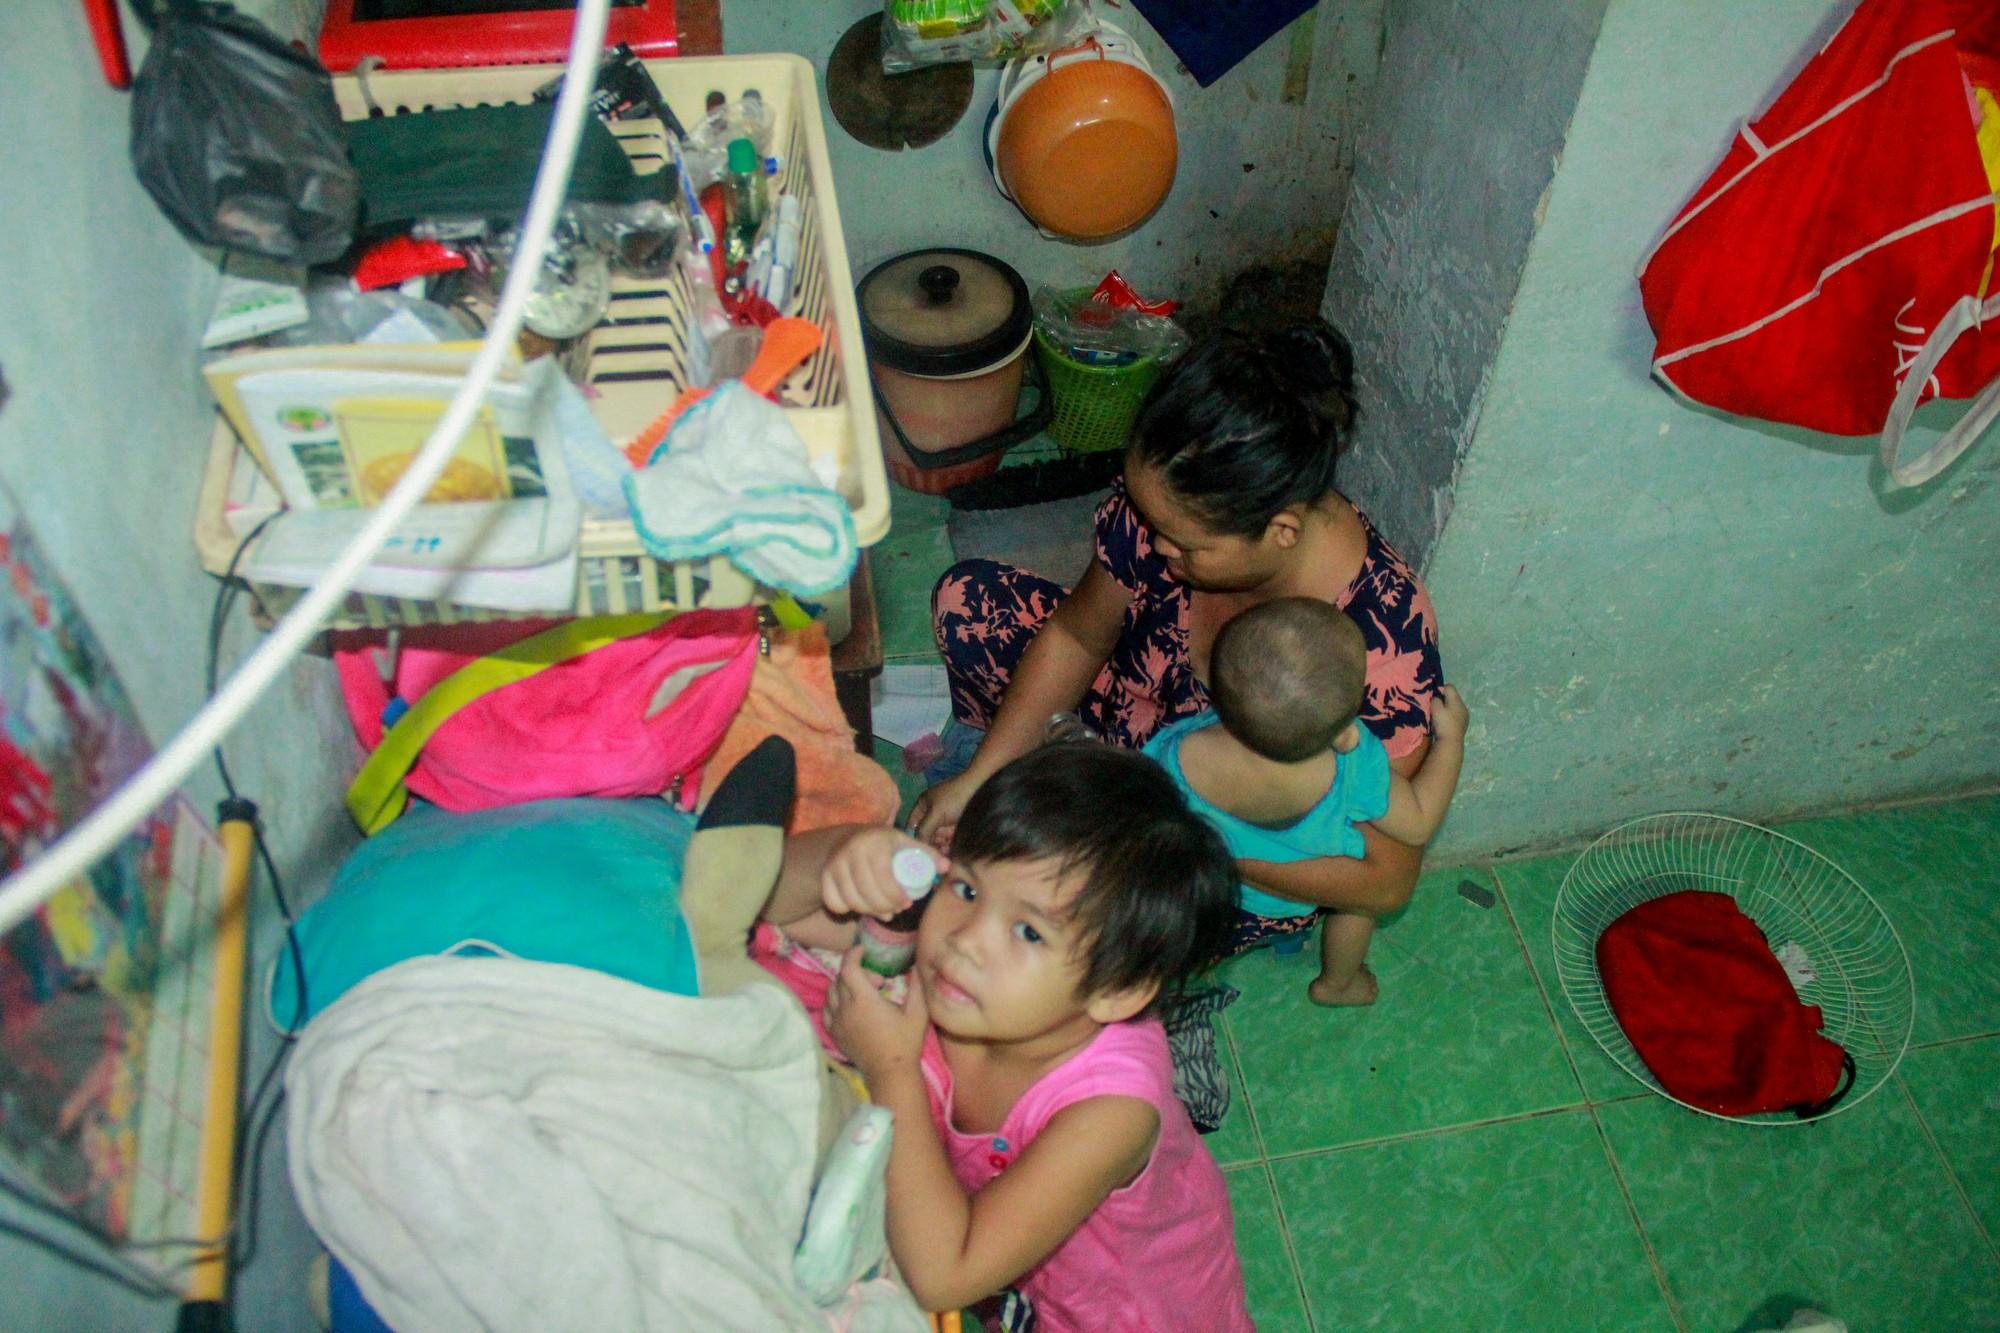 Bất chấp nguy hiểm, mới mổ sinh được 10 ngày, người mẹ đã đi làm thuê để nuôi 5 người con, cháu cùng chồng bệnh tật - Ảnh 11.